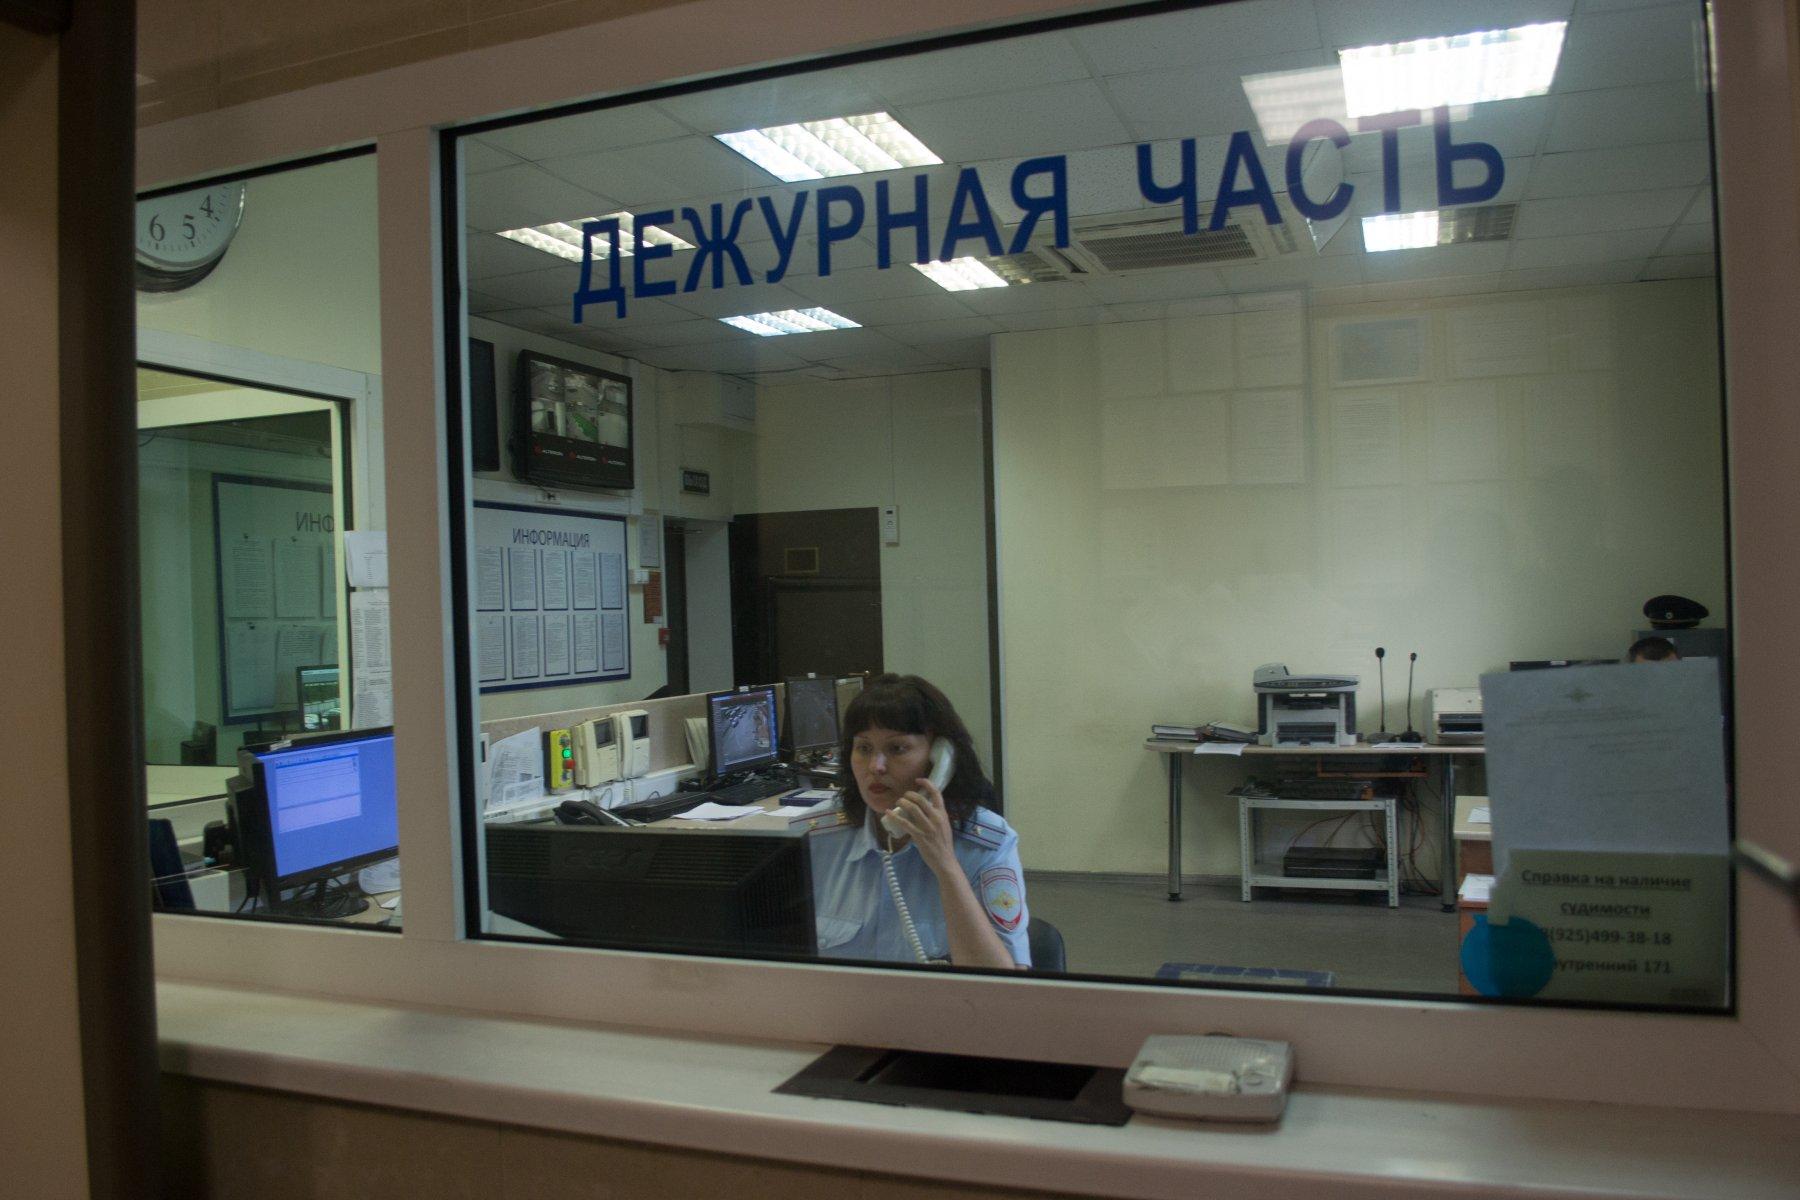 В Москве охранник школы сообщил о заложенной бомбе, желая похвалы от начальства